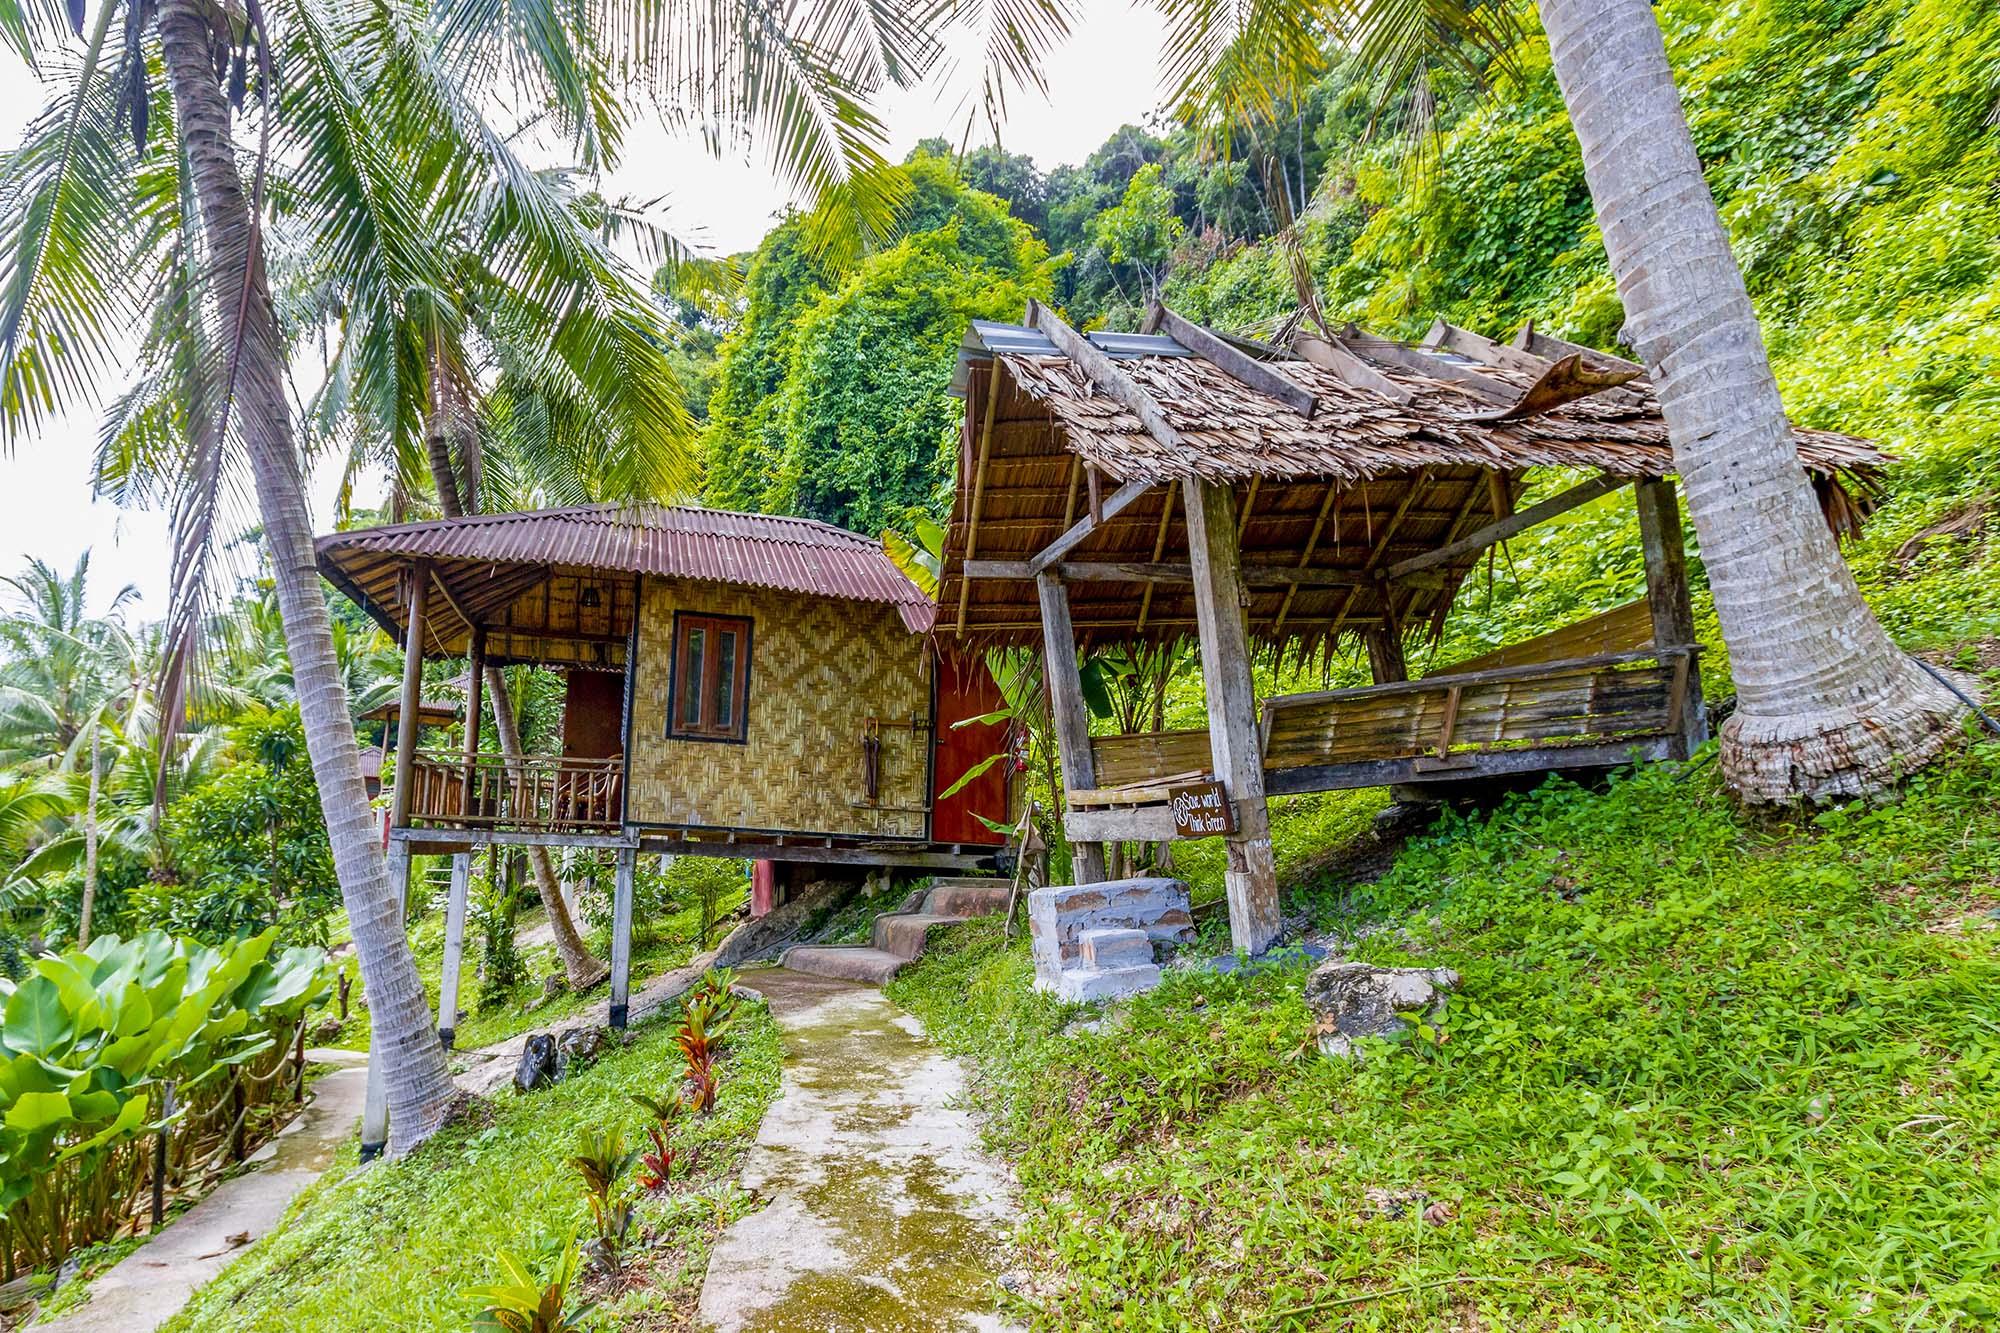 ไร่เลย์ การ์เดน วิว รีสอร์ท (Railay Garden View Resort)  ไร่เลย์ การ์เดน วิว รีสอร์ท (Railay Garden View Resort)                                                                             Railay Garden View Resort 01